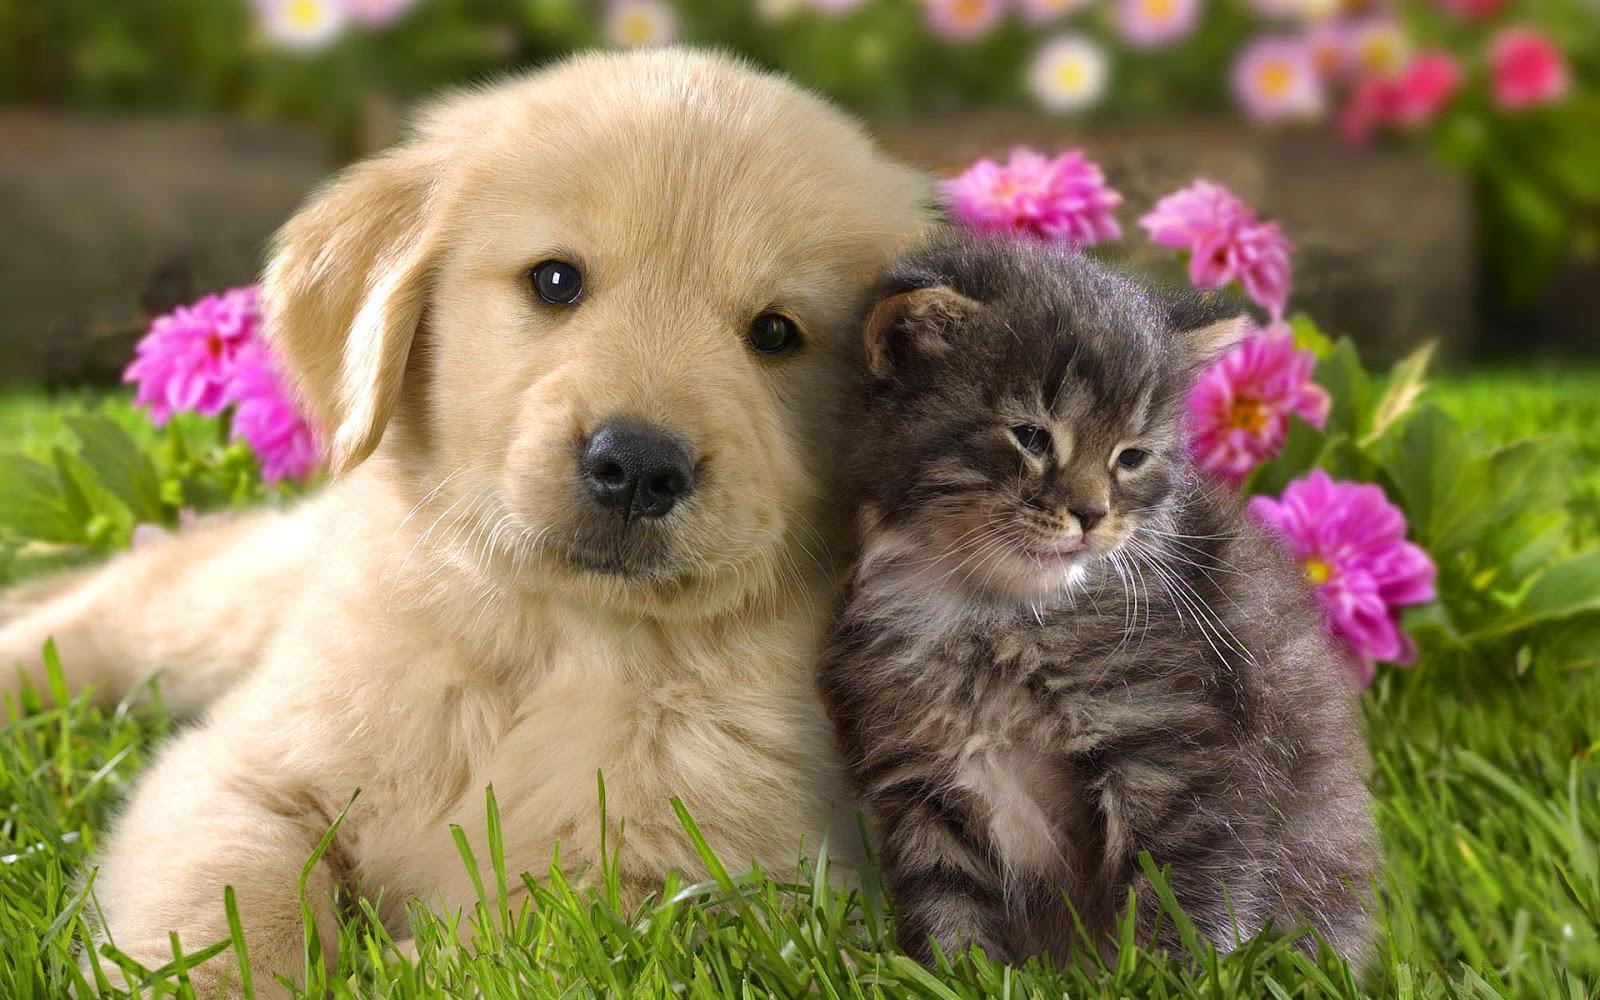 Tapety Na Pulpit Mały Kotek I Piesek Słodkie Koty I Psy Kot I